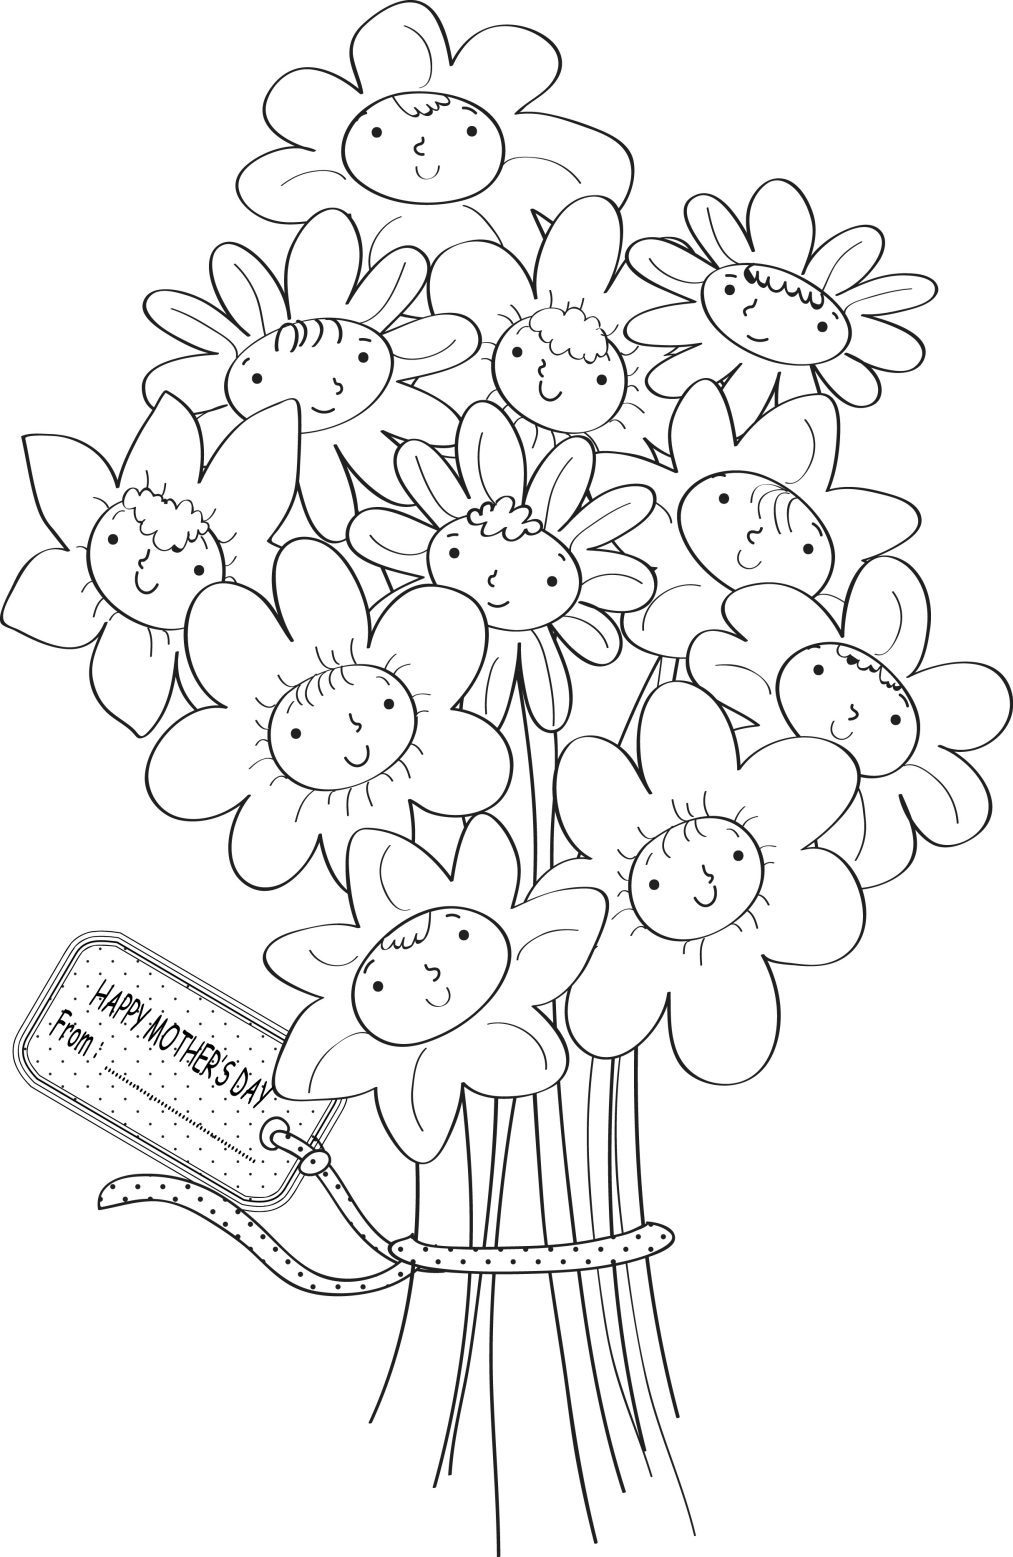 Трафареты для открытки на день рождения маме, день